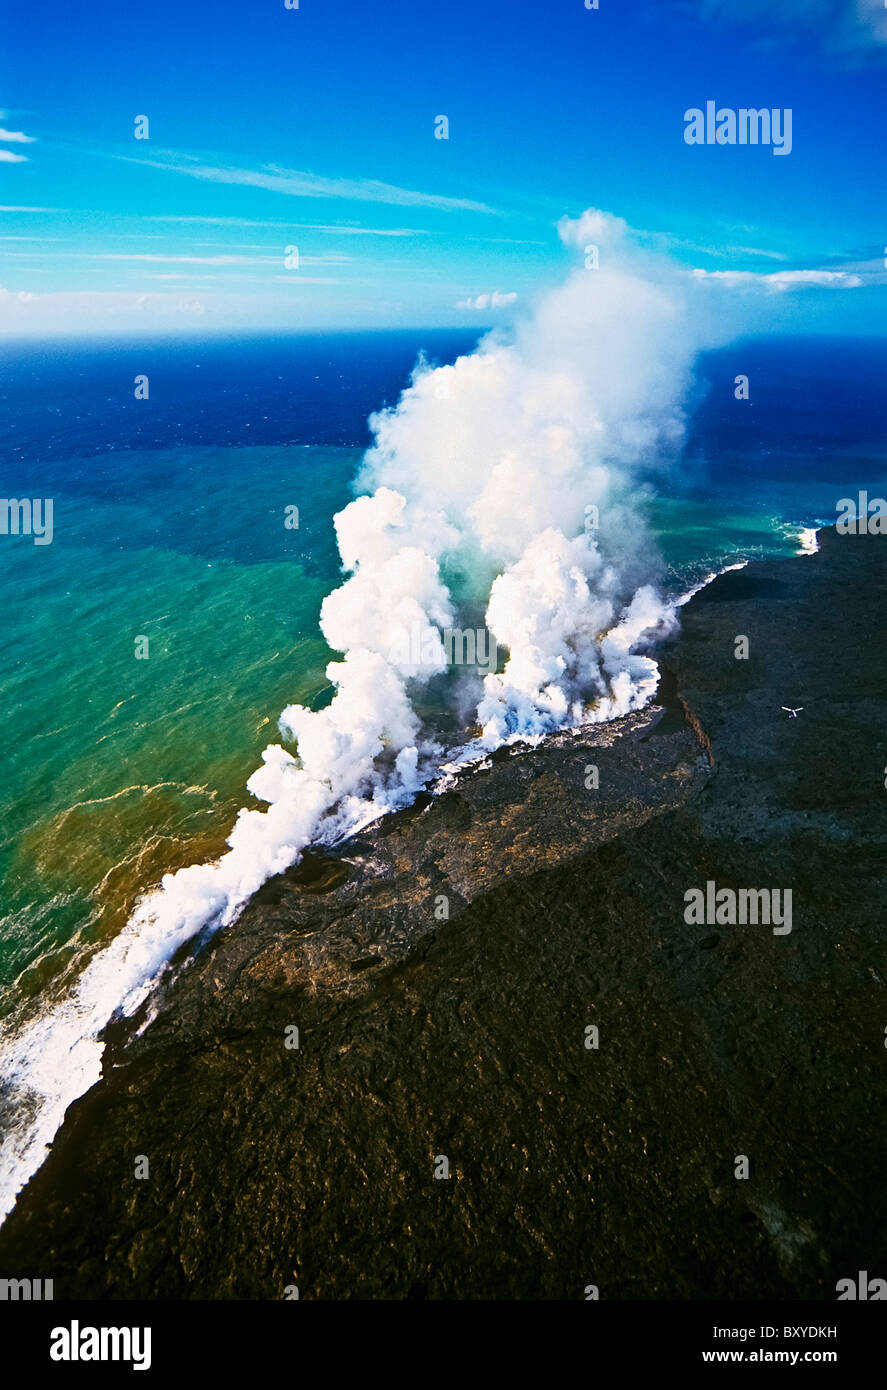 Lava entra frío Océano, volcán Kilauea, Big Island, Hawaii, EE.UU. Imagen De Stock